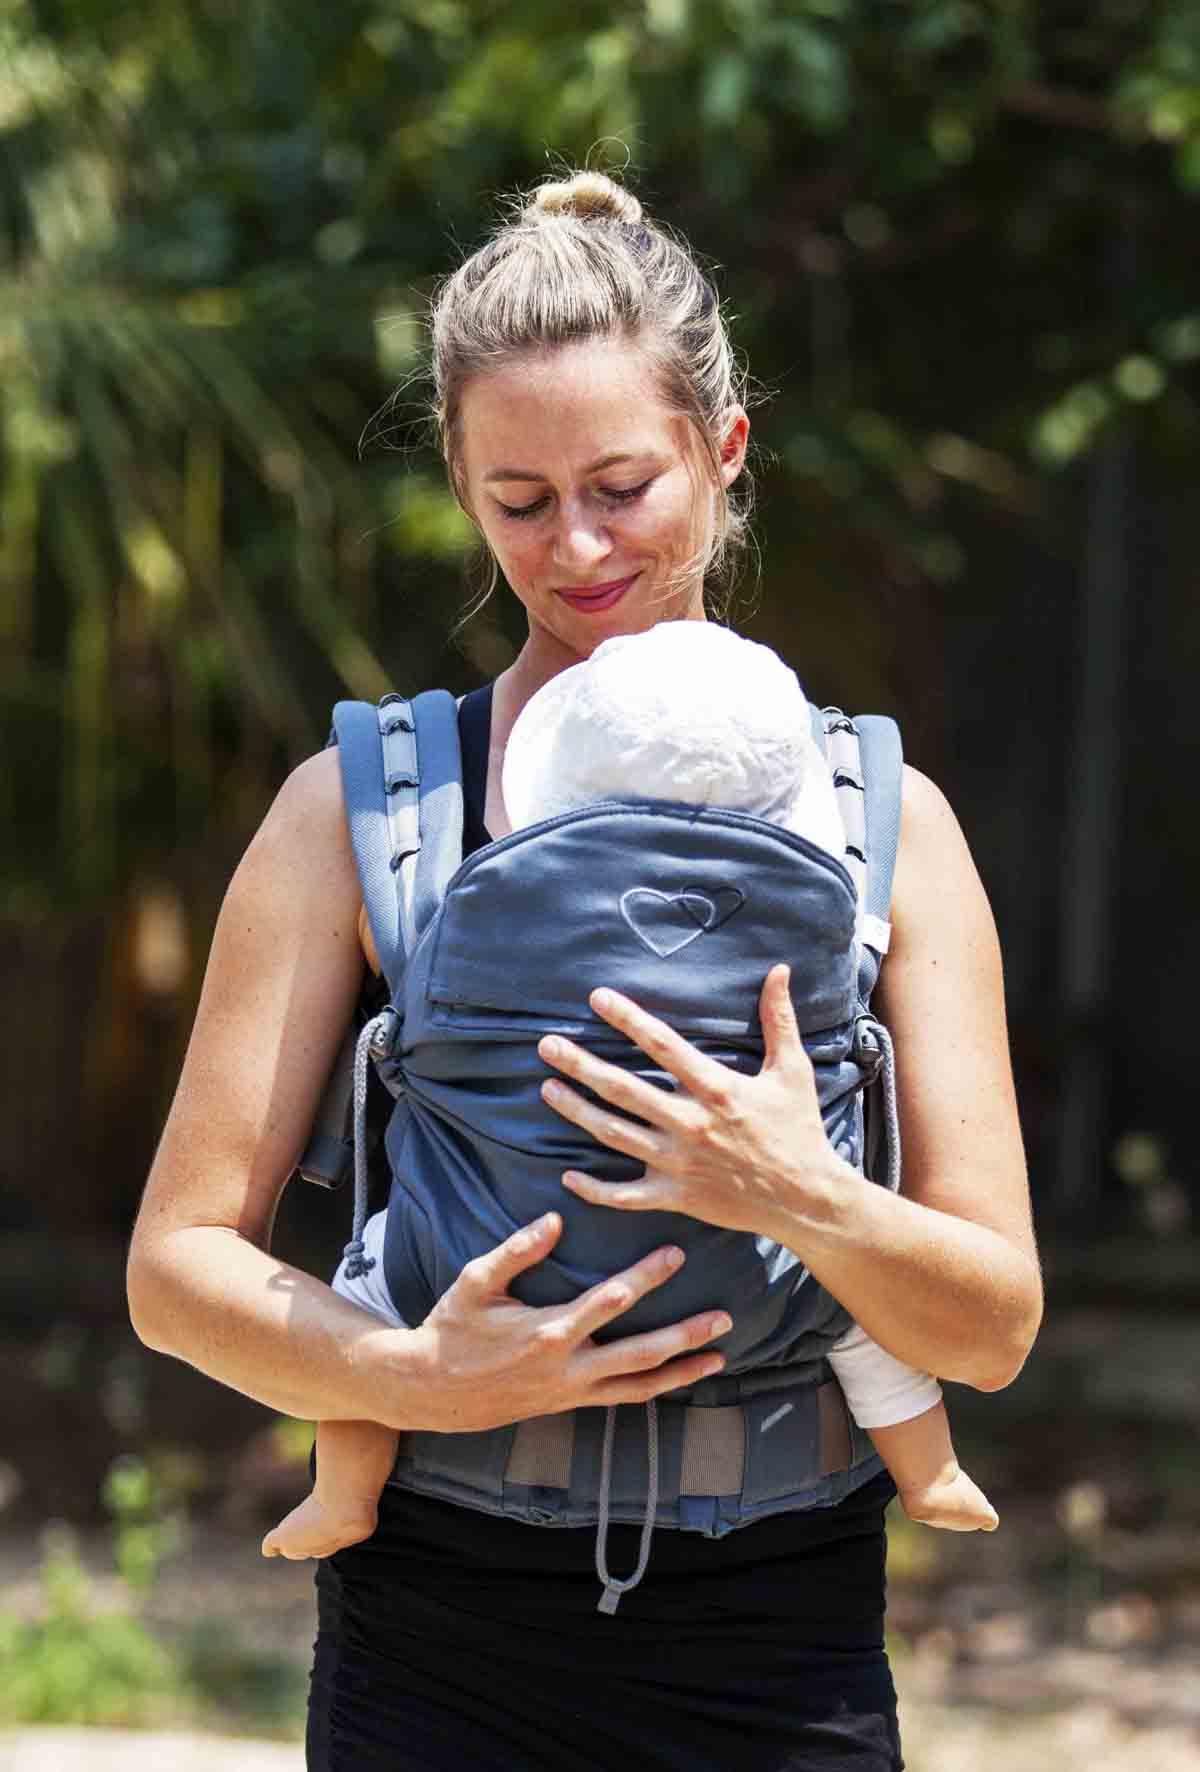 dc2ceb2a3e8 Porte-bébé préformé P4 LLA le meilleur portage physiologique pour bébé